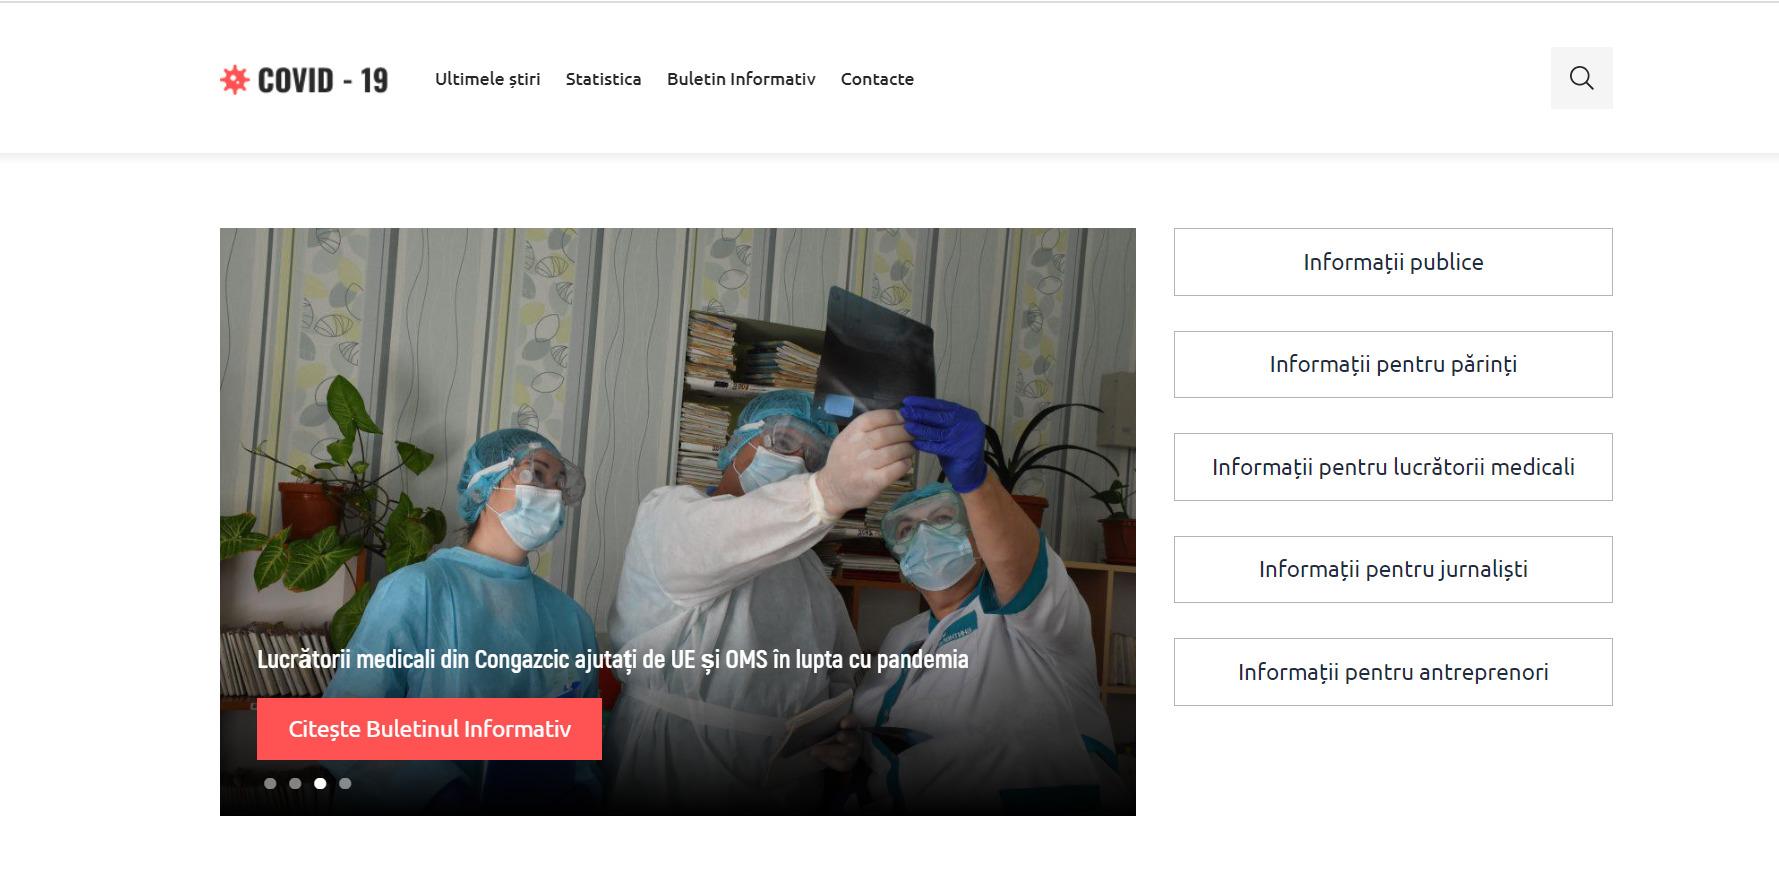 Ministerul Sănătății a lansat o nouă campanie de informare în contextul pandemiei